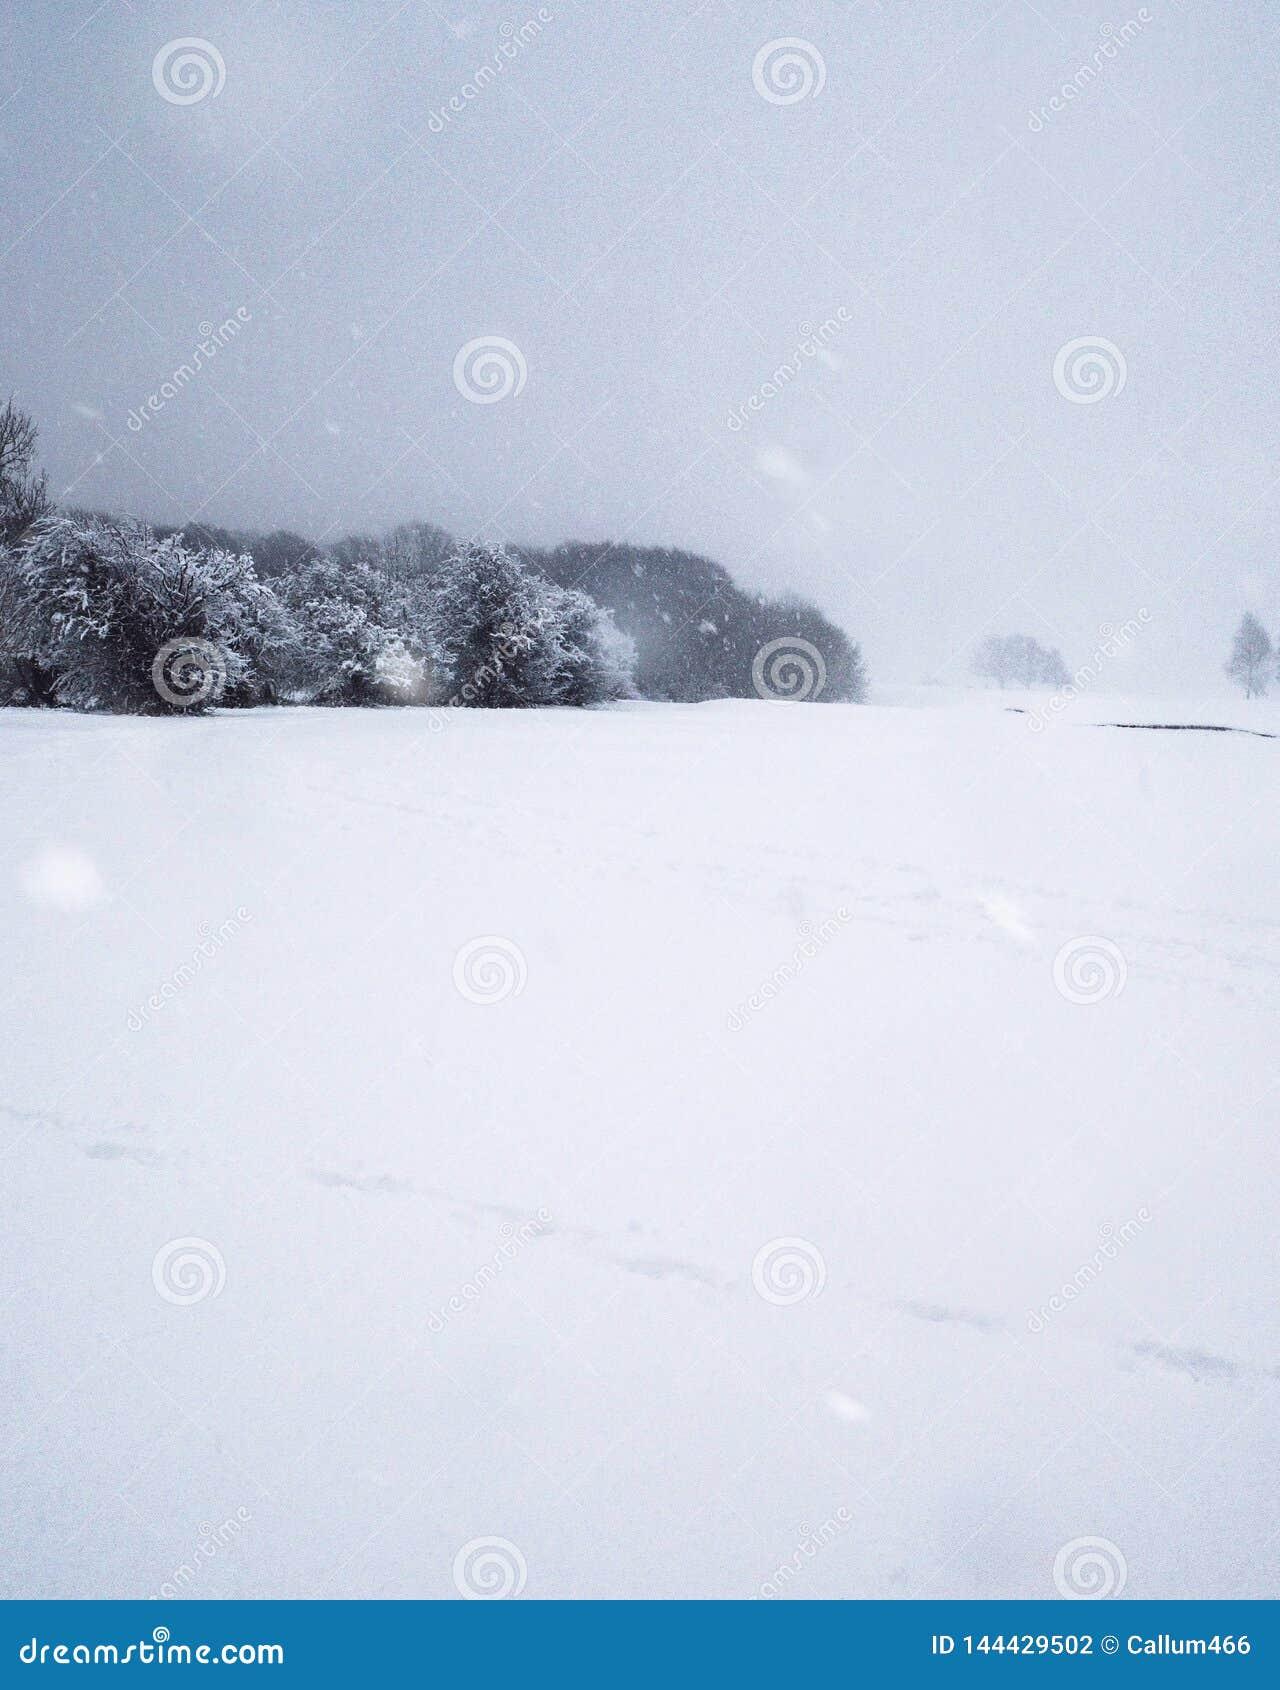 Snow fallen upon a woodland edge